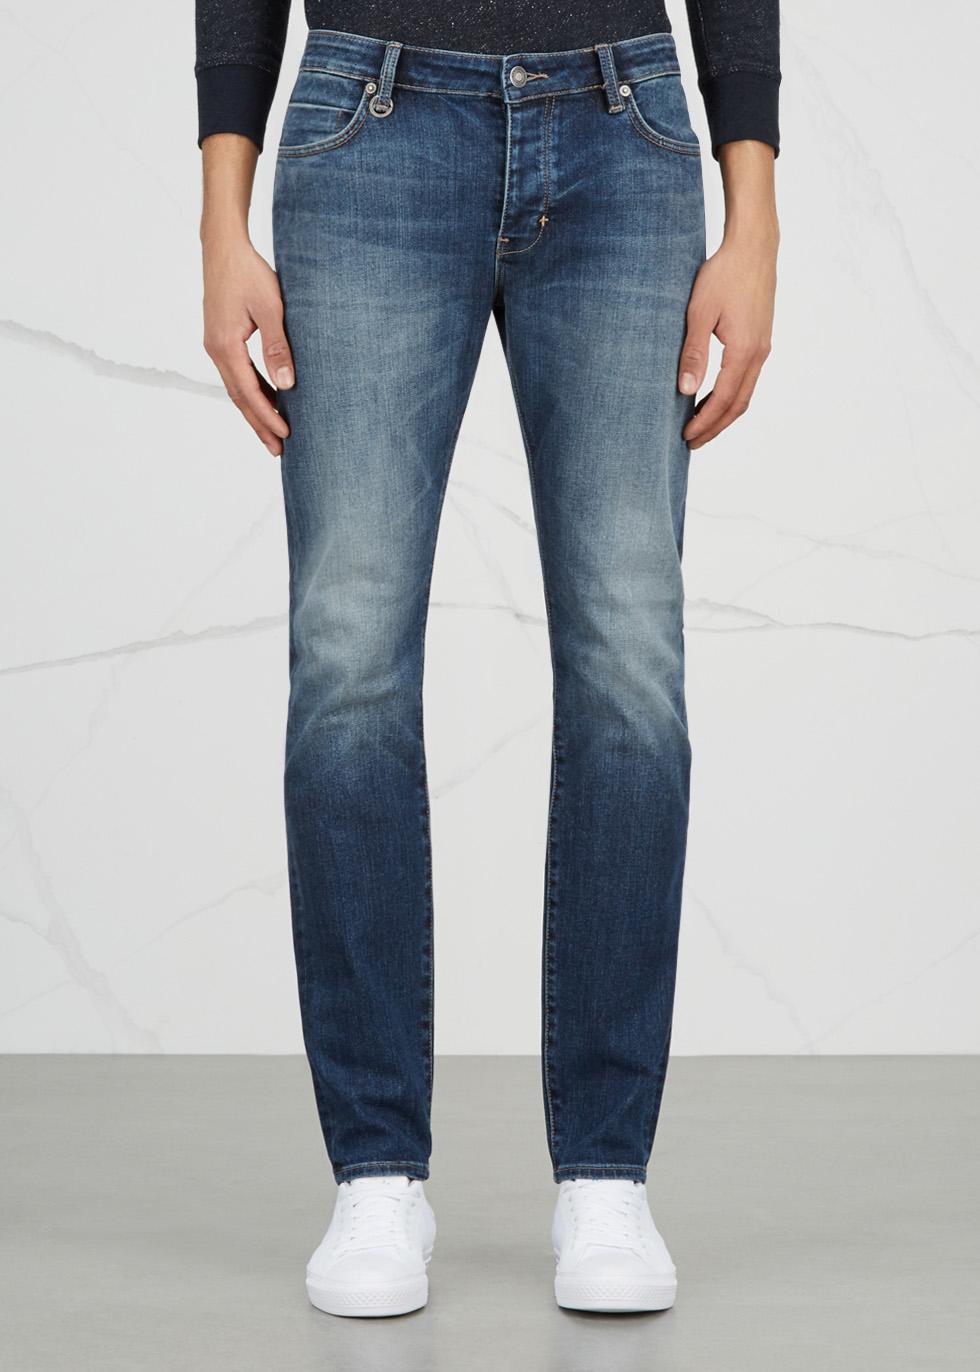 Iggy blue skinny jeans - Neuw